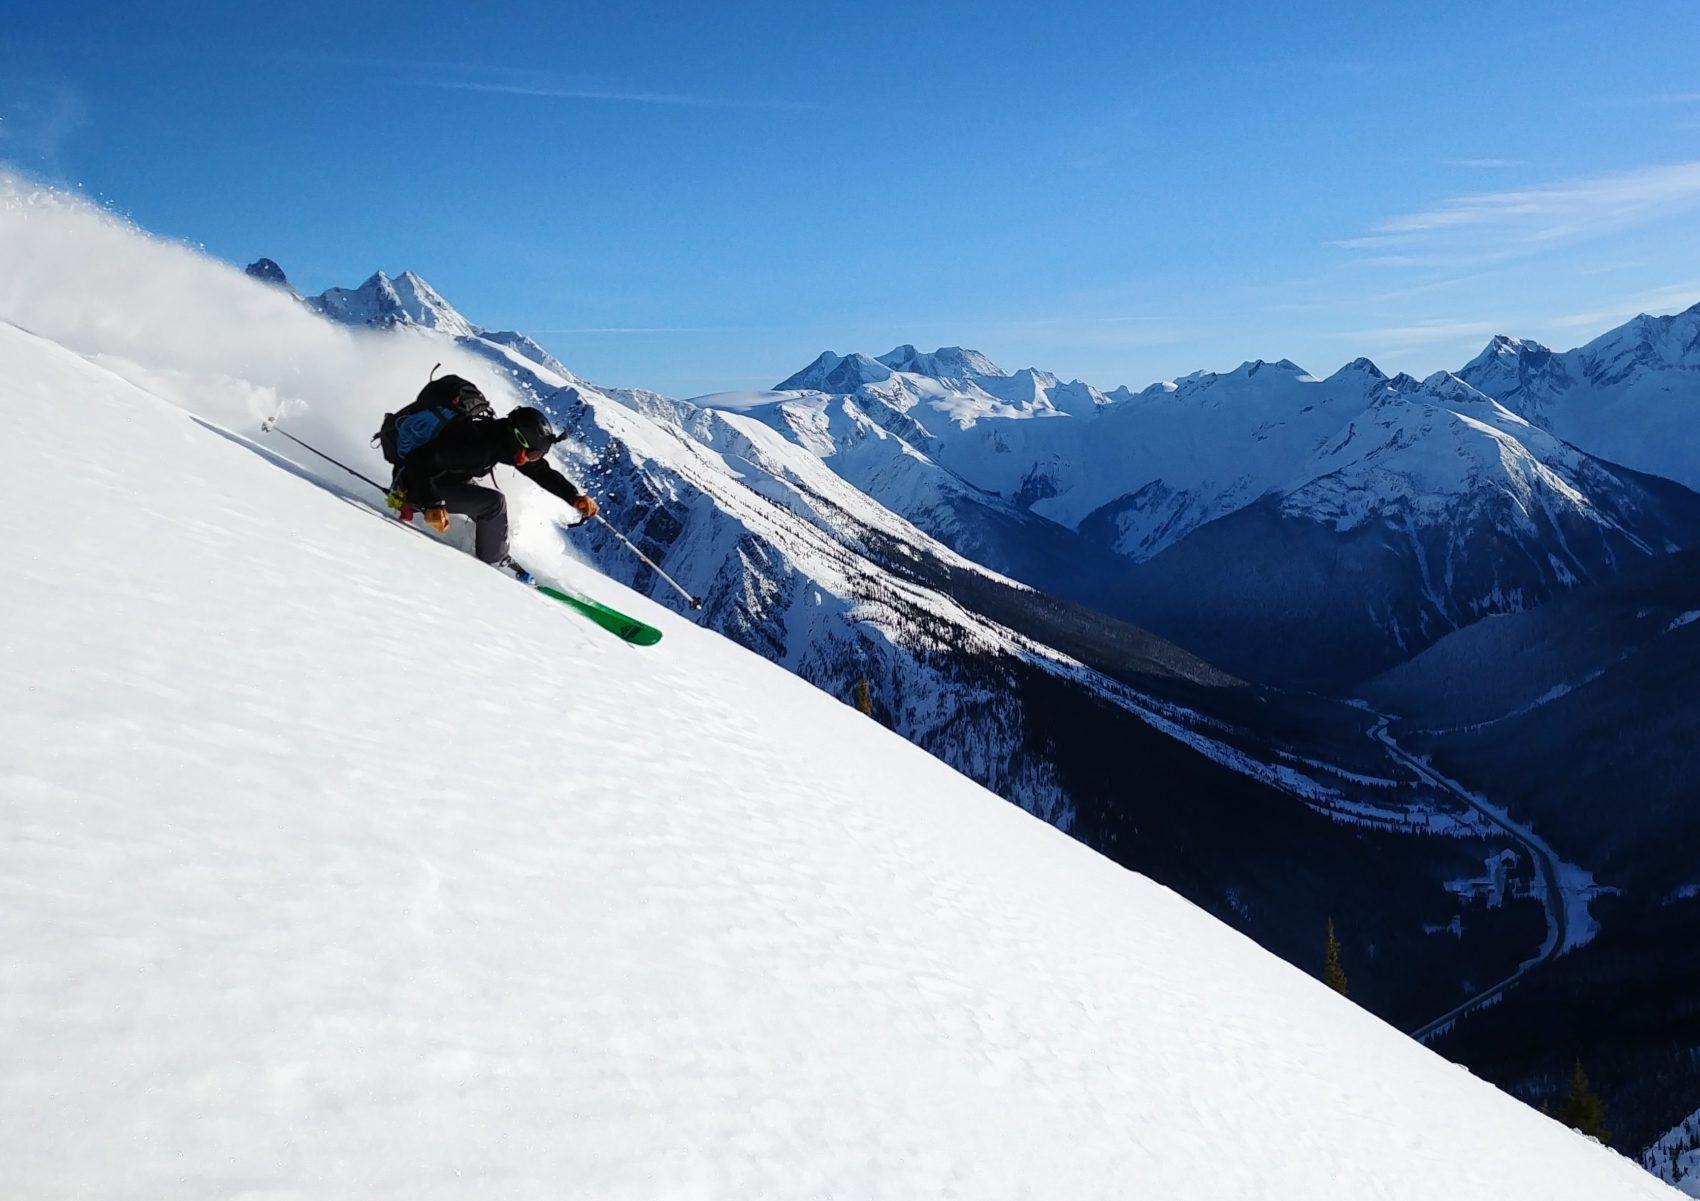 skier slashing turn at rogers pass